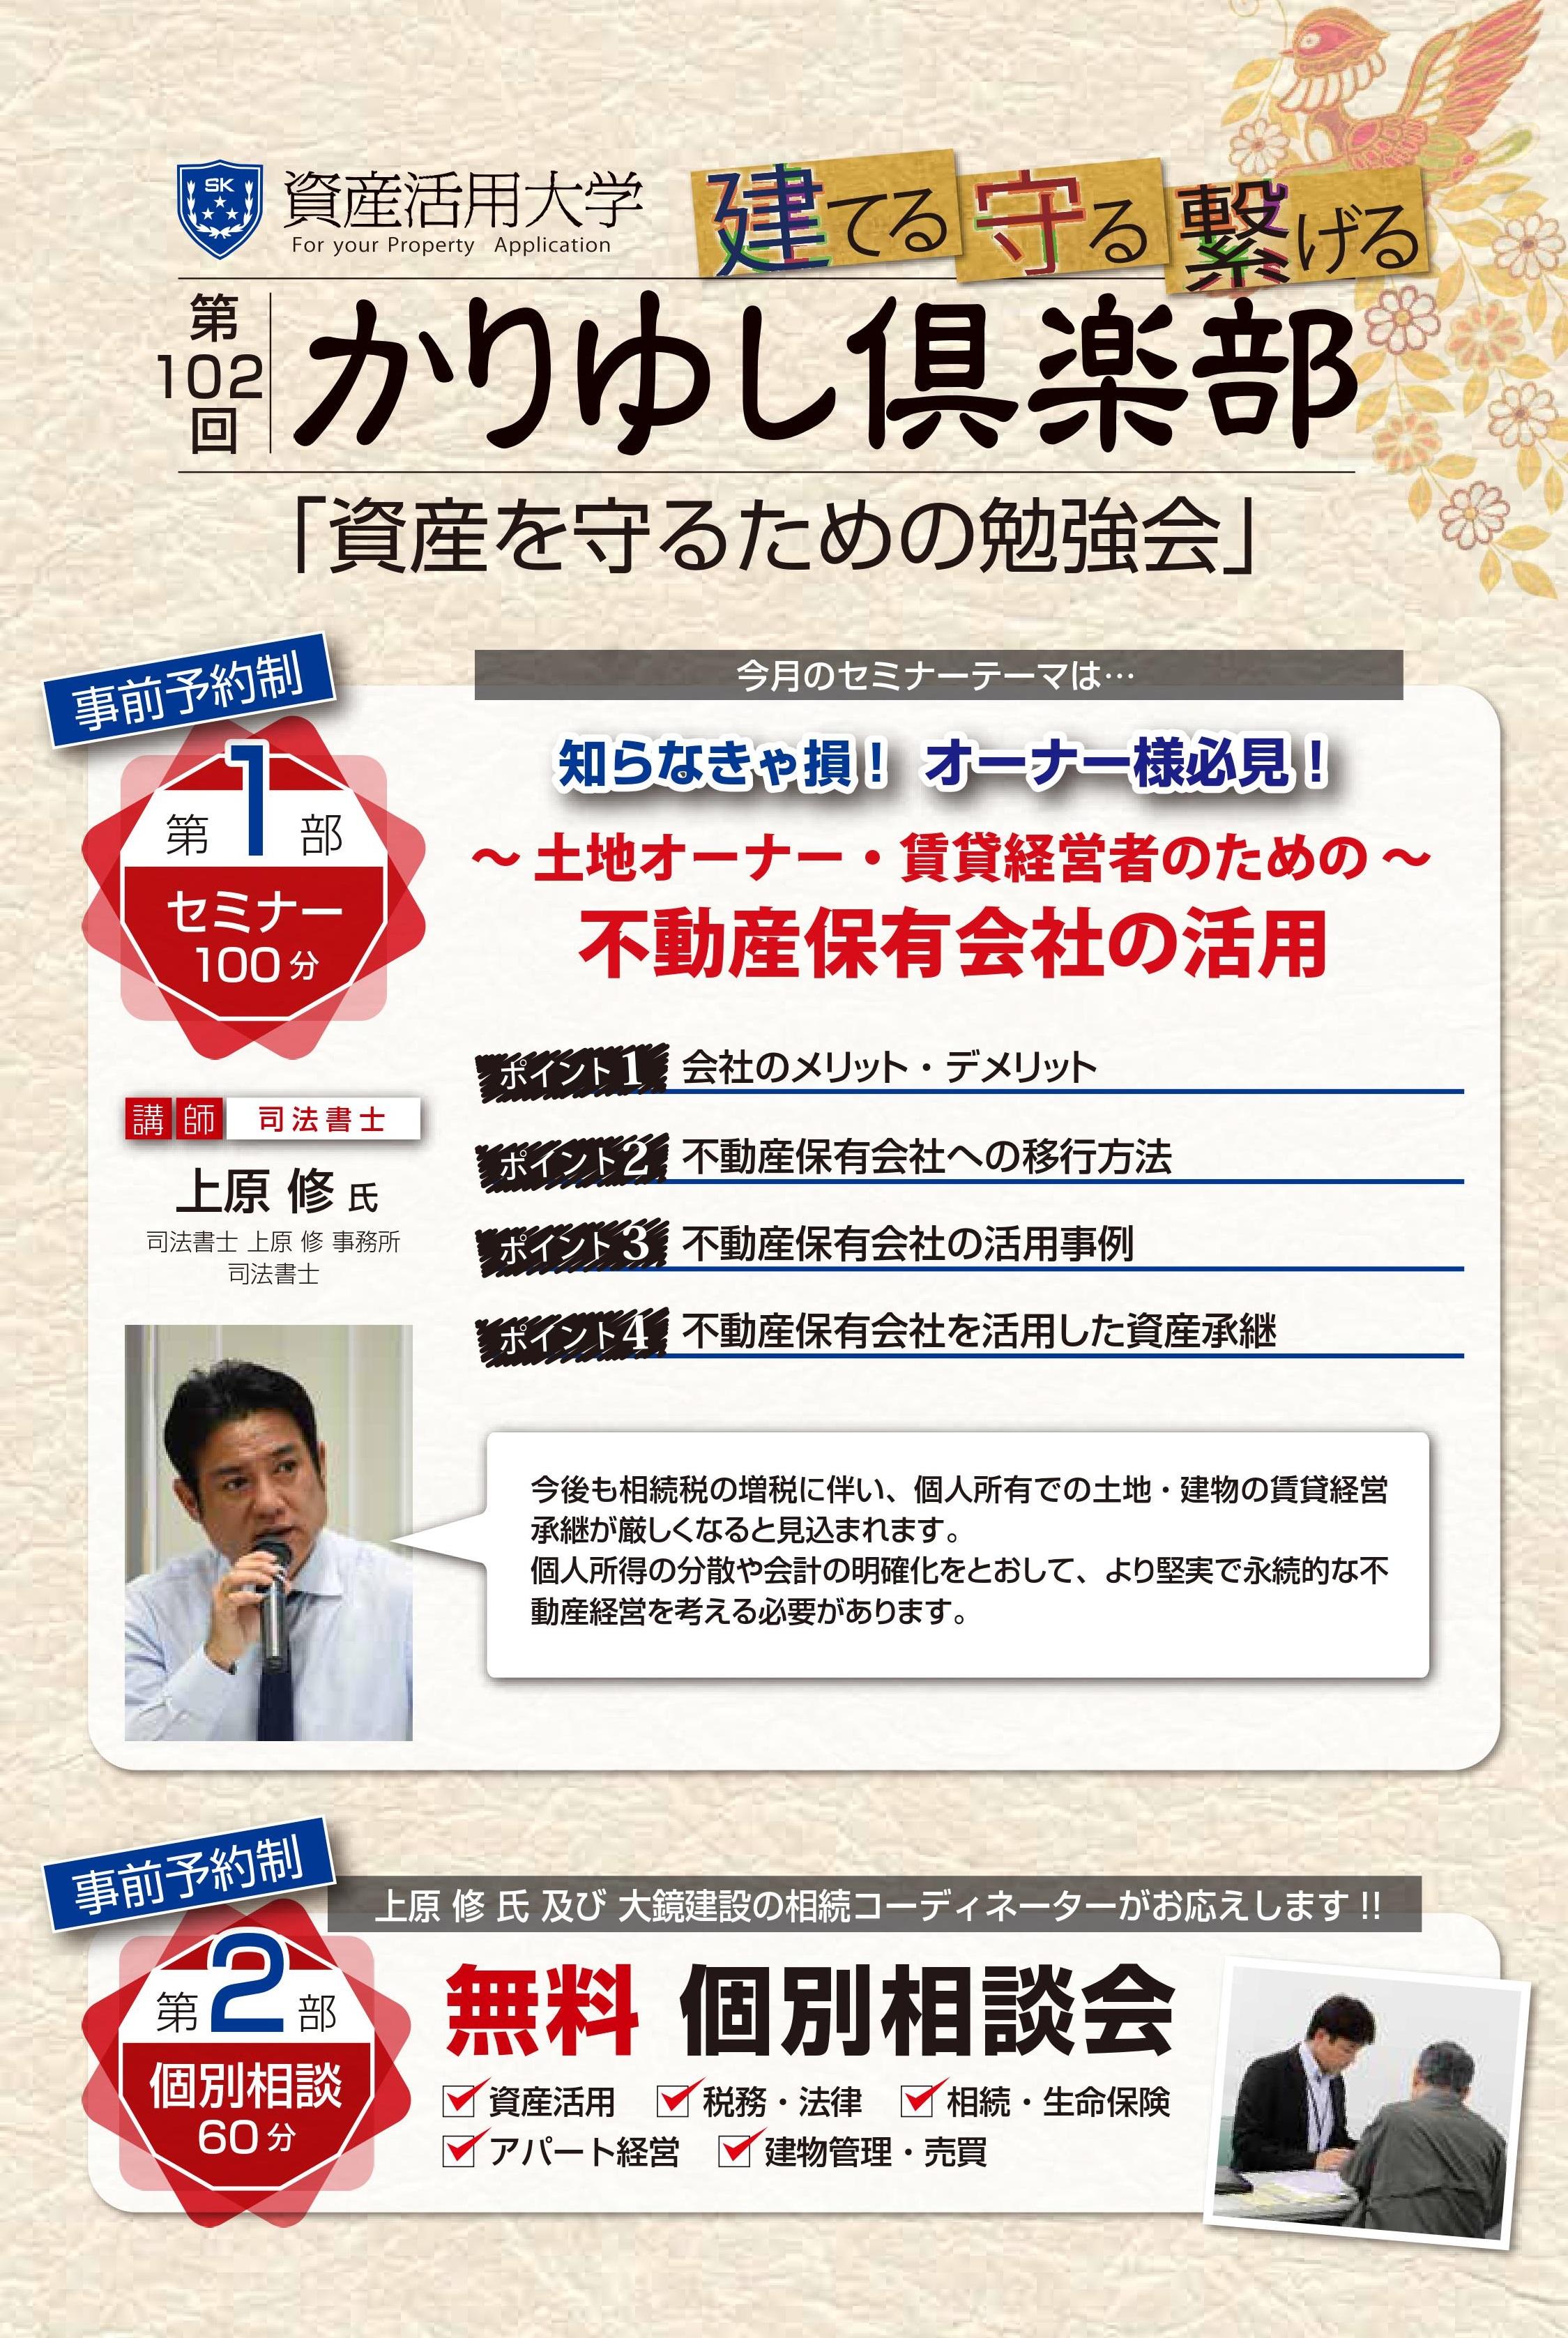 資産を守る勉強会 102回かりゆし倶楽部セミナー 大鏡建設